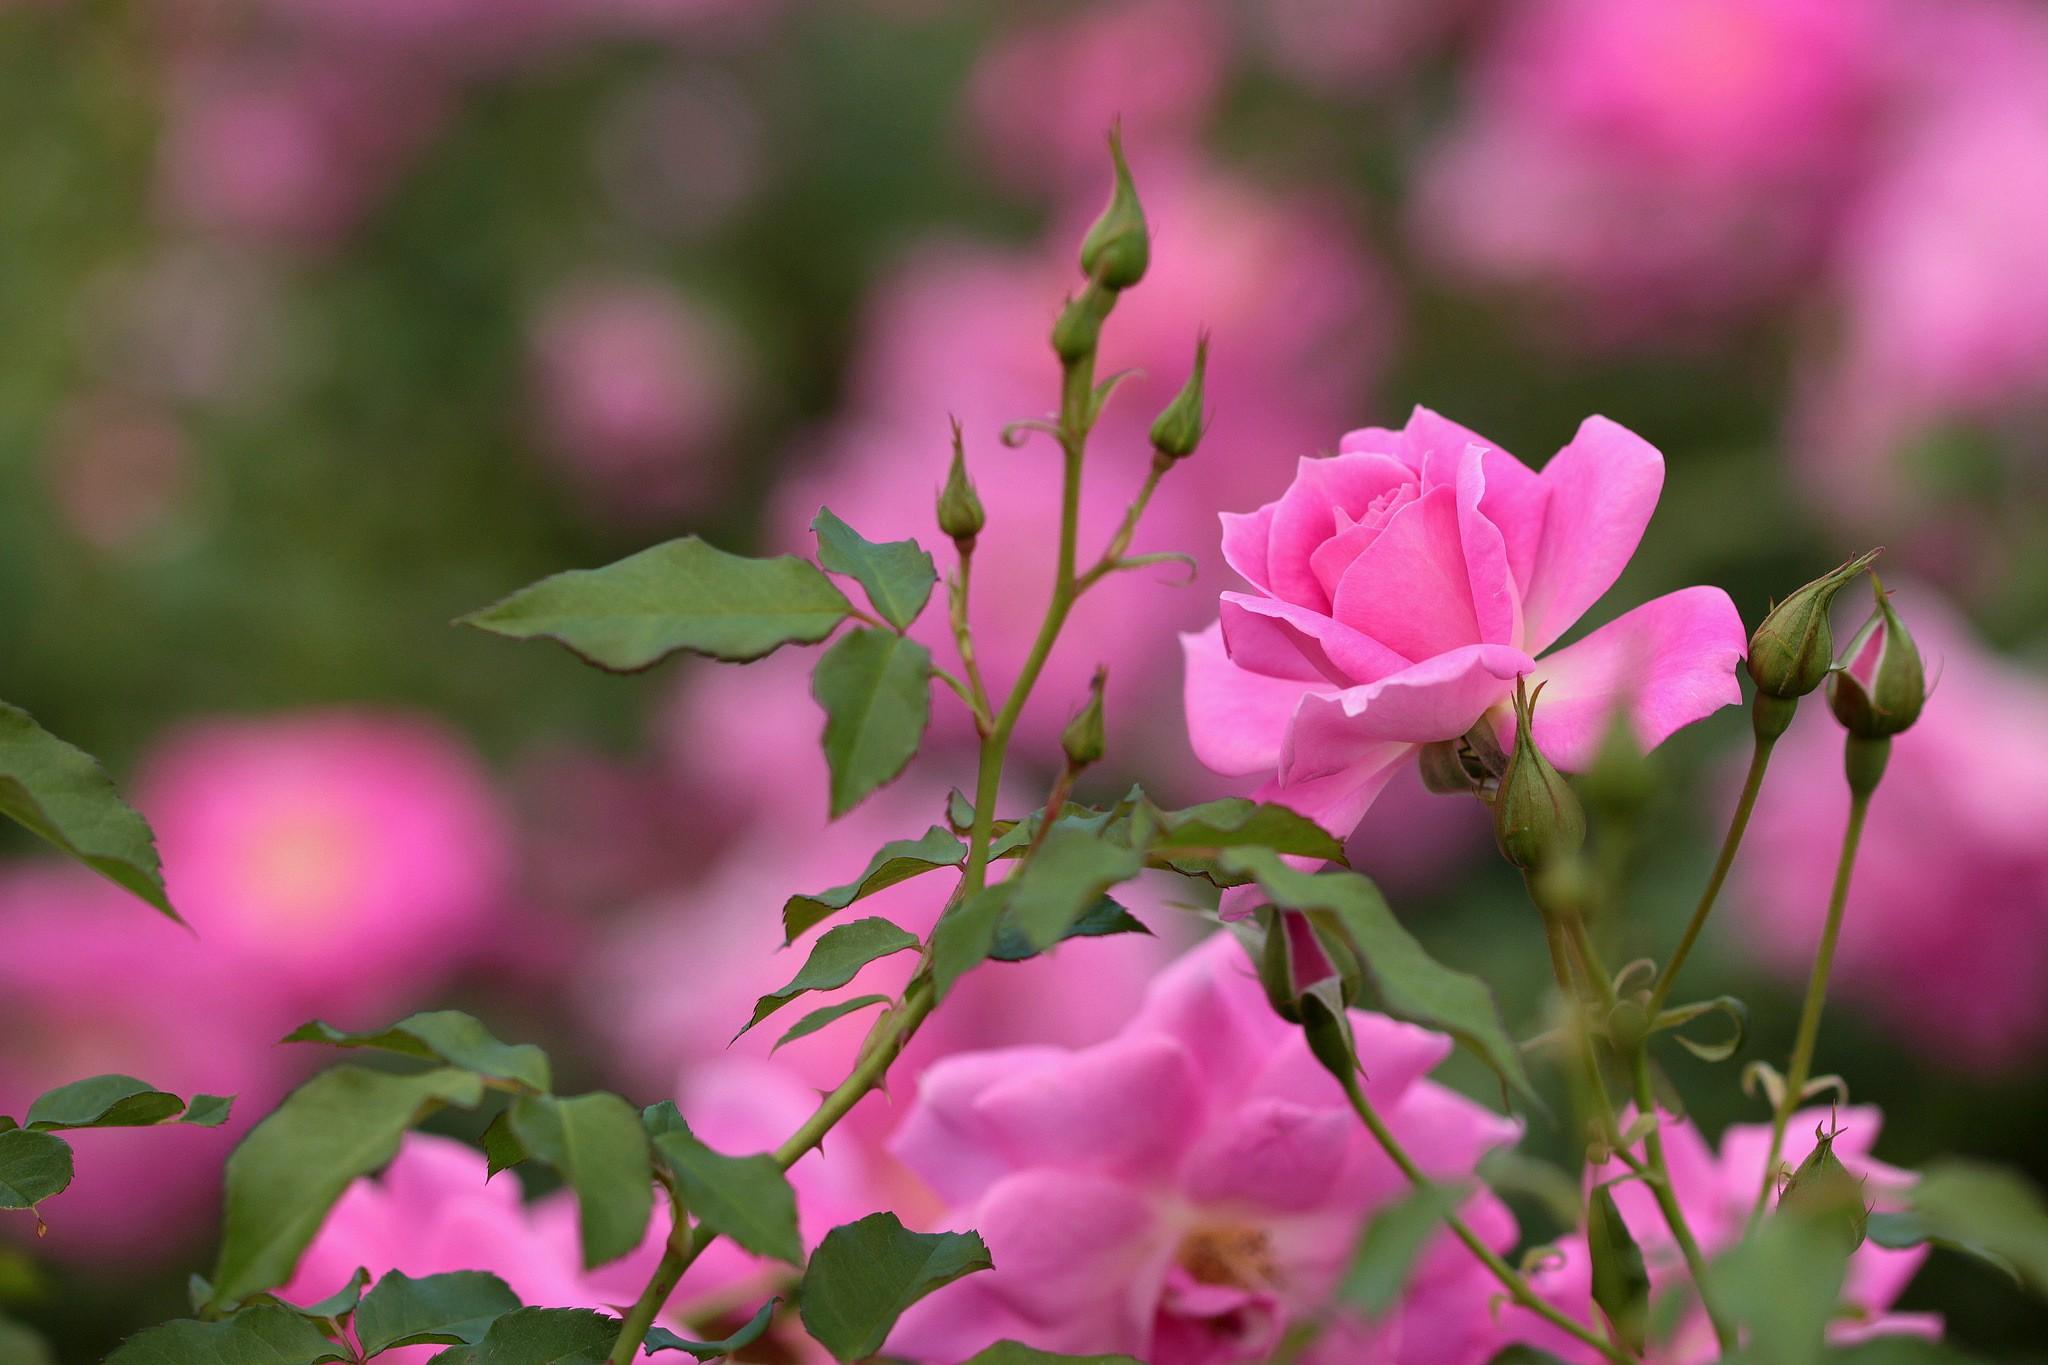 партизанском картинки на экран цветы розы есть